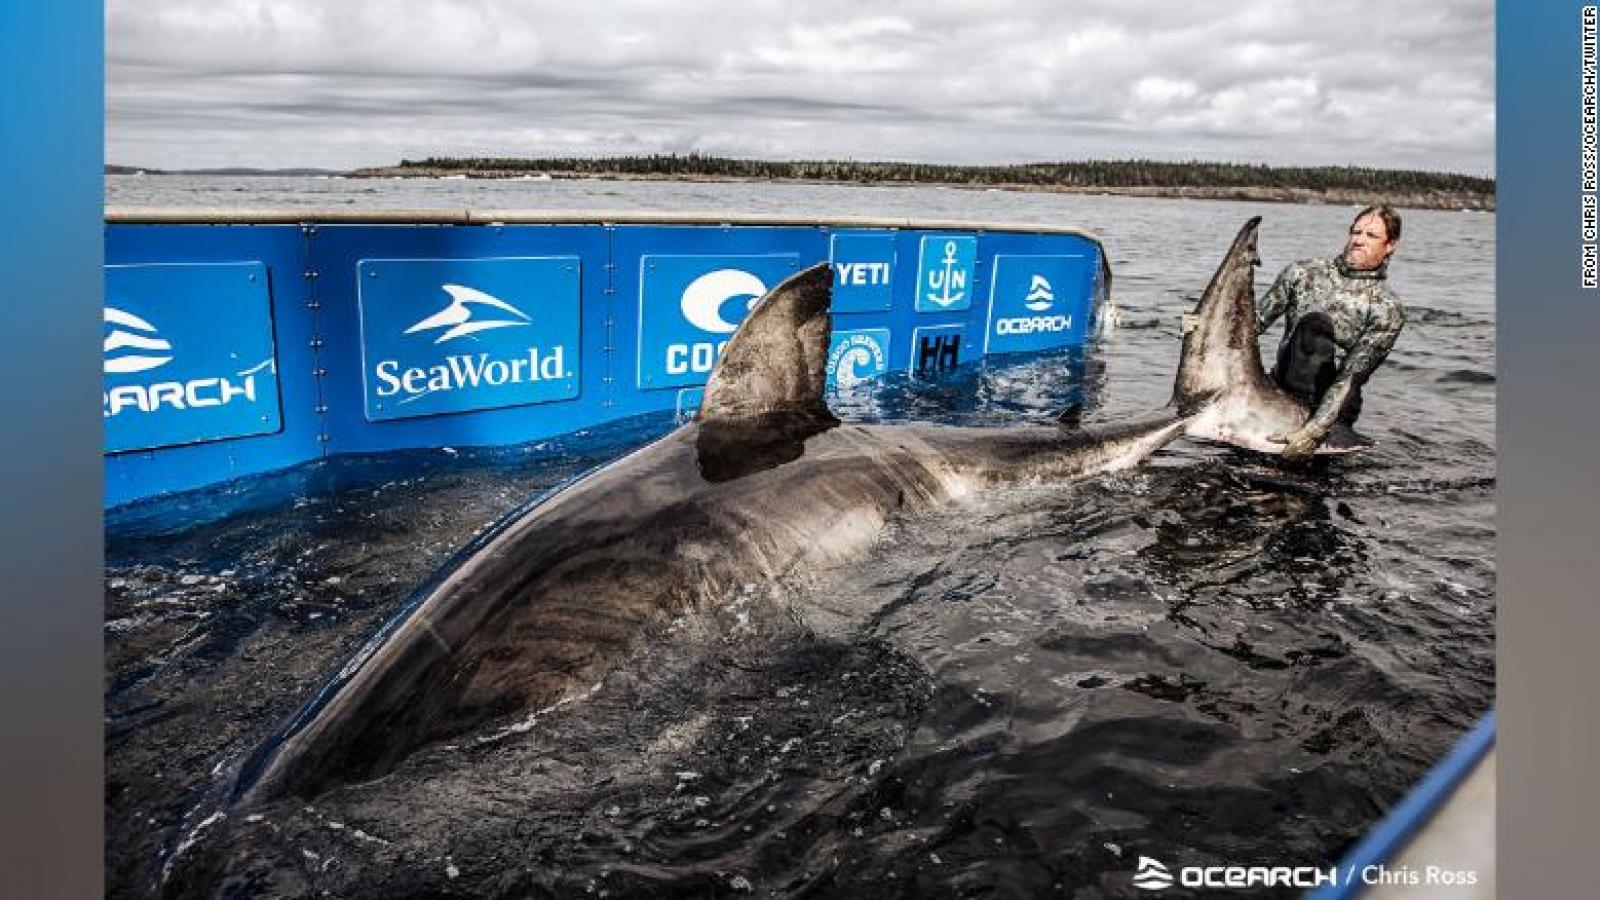 """Phát hiện cá mập khổng lồ nặng 1,6 tấn được mệnh danh """"nữ hoàng biển cả"""" ở Canada"""